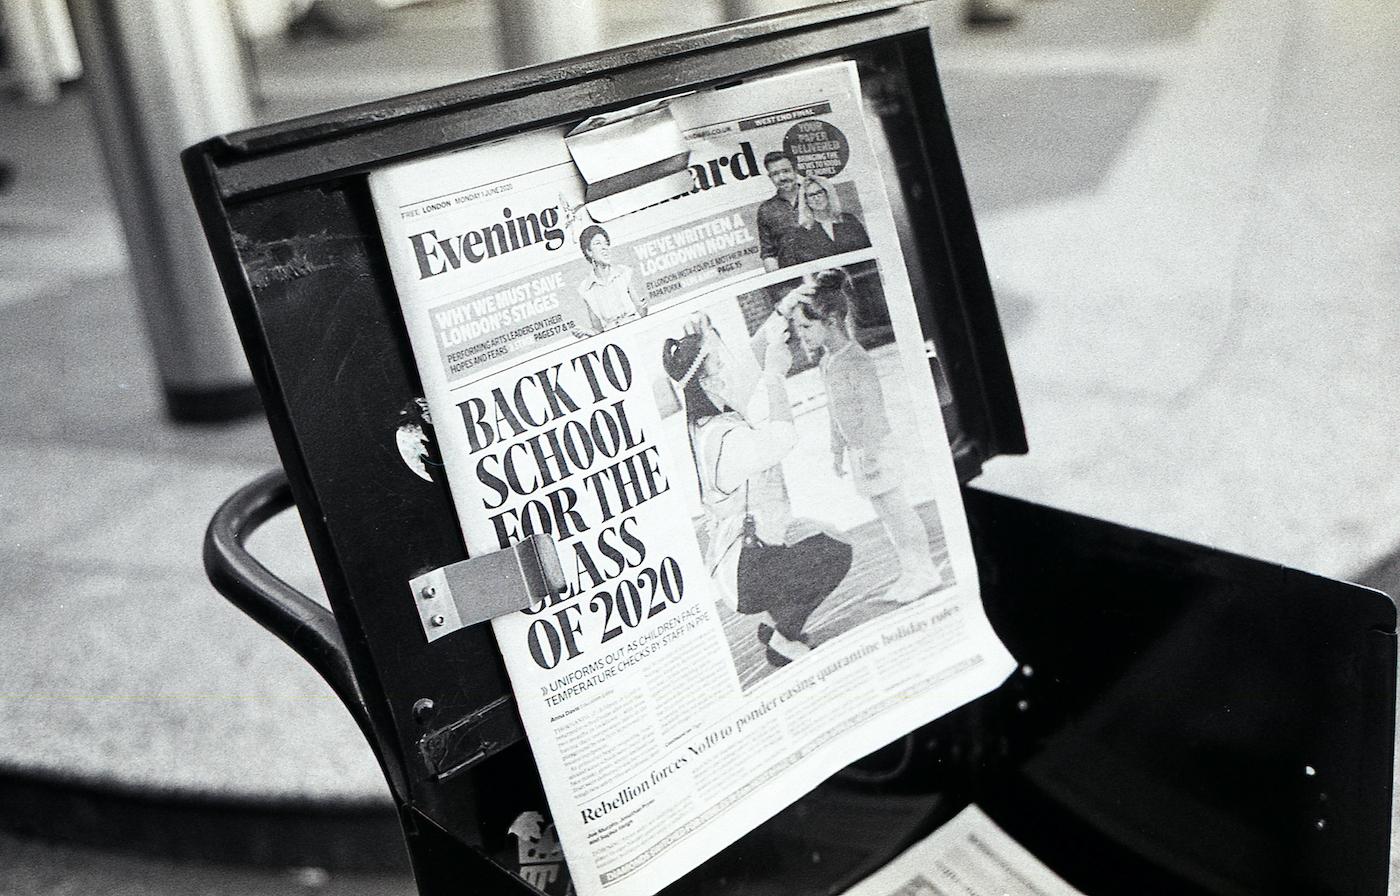 学校が再開するという記事がトップの新聞。